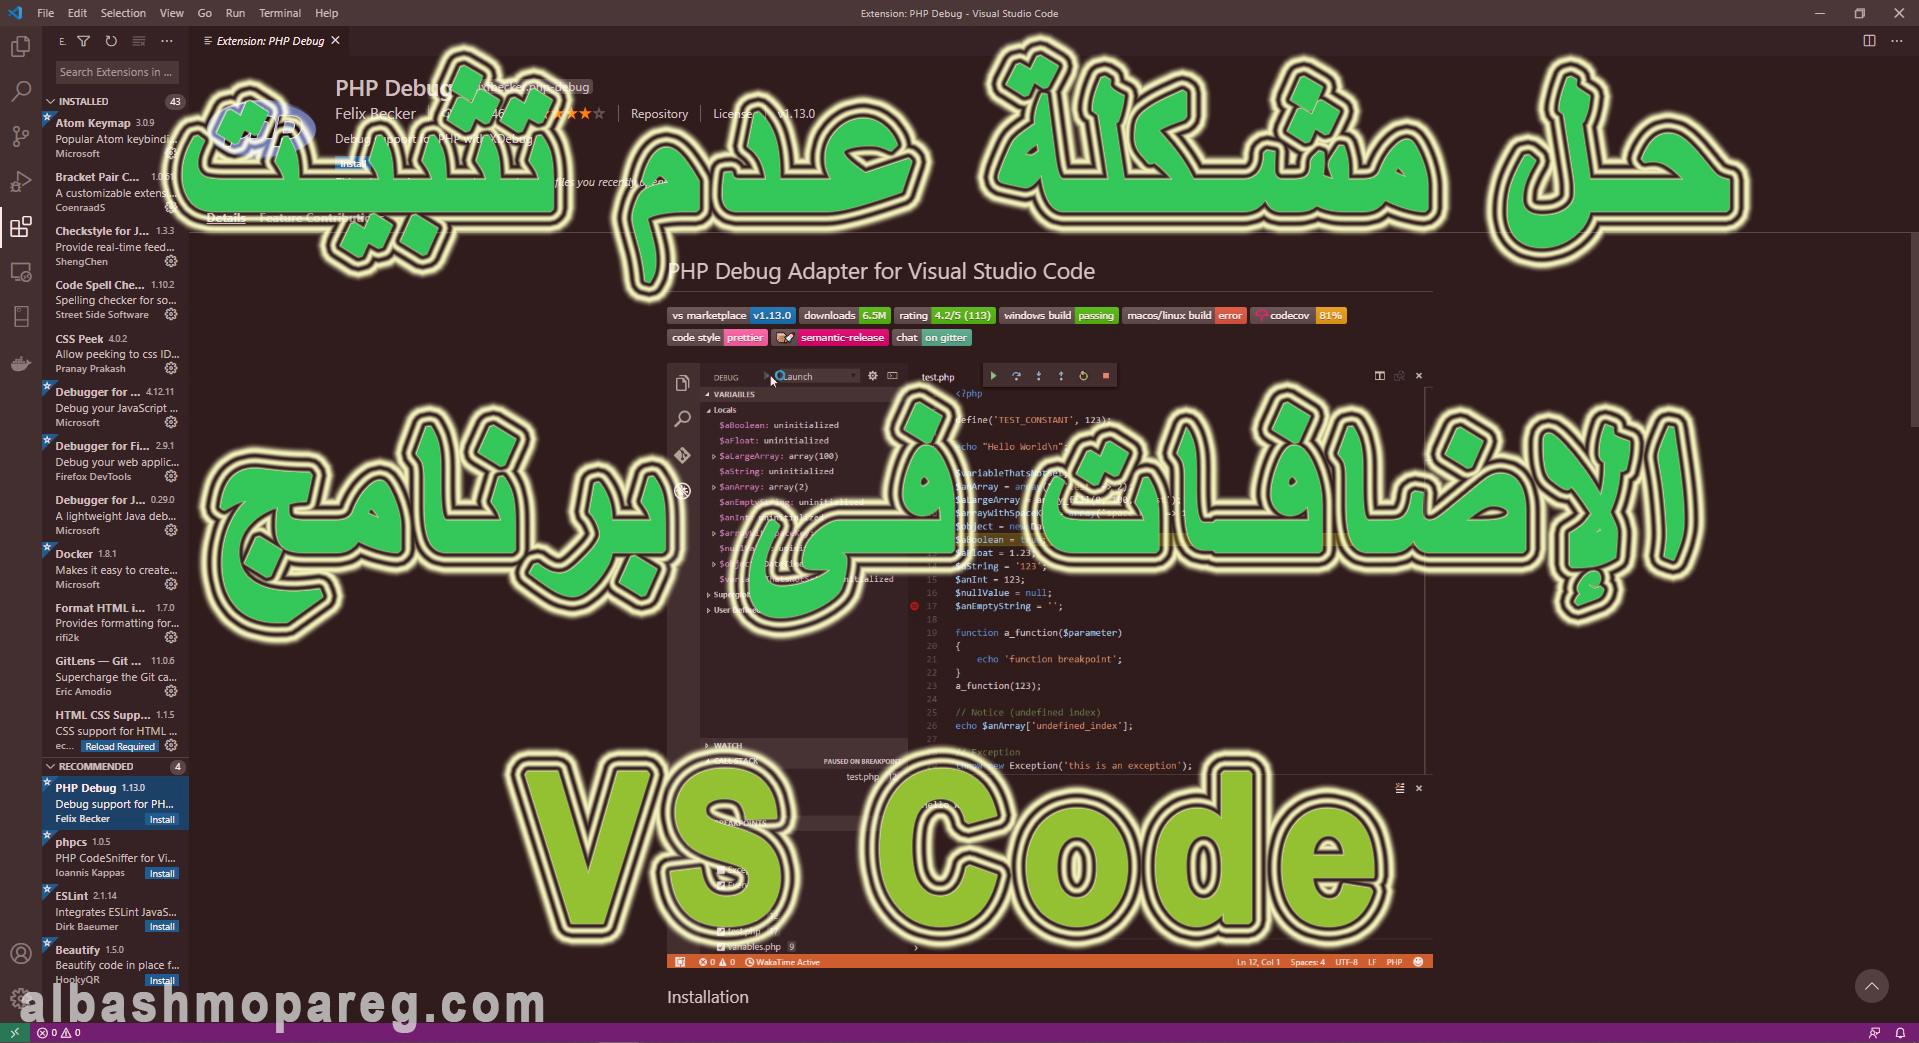 كيفية-حل-مشكلة-عدم-تثبيت-الإضافات-على-برنامج-Visual-Studio-Code---الباشمبرمج